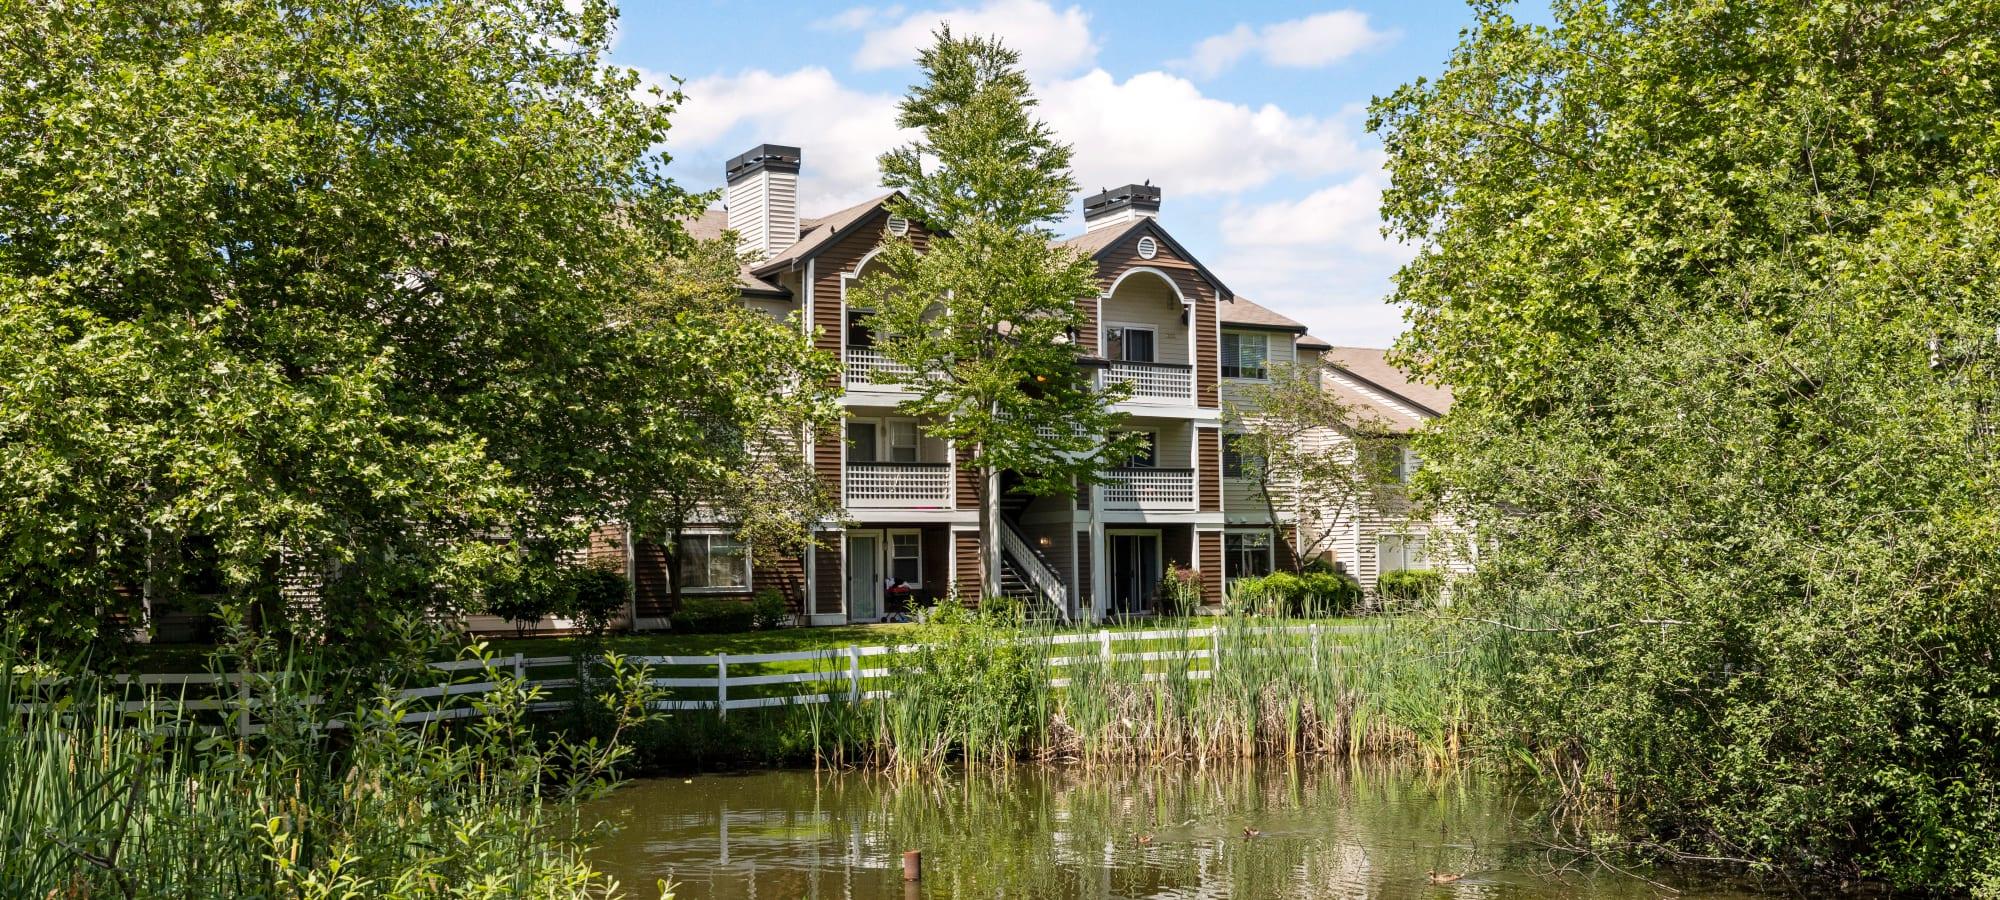 Everett, Washington apartments at Olin Fields Apartments